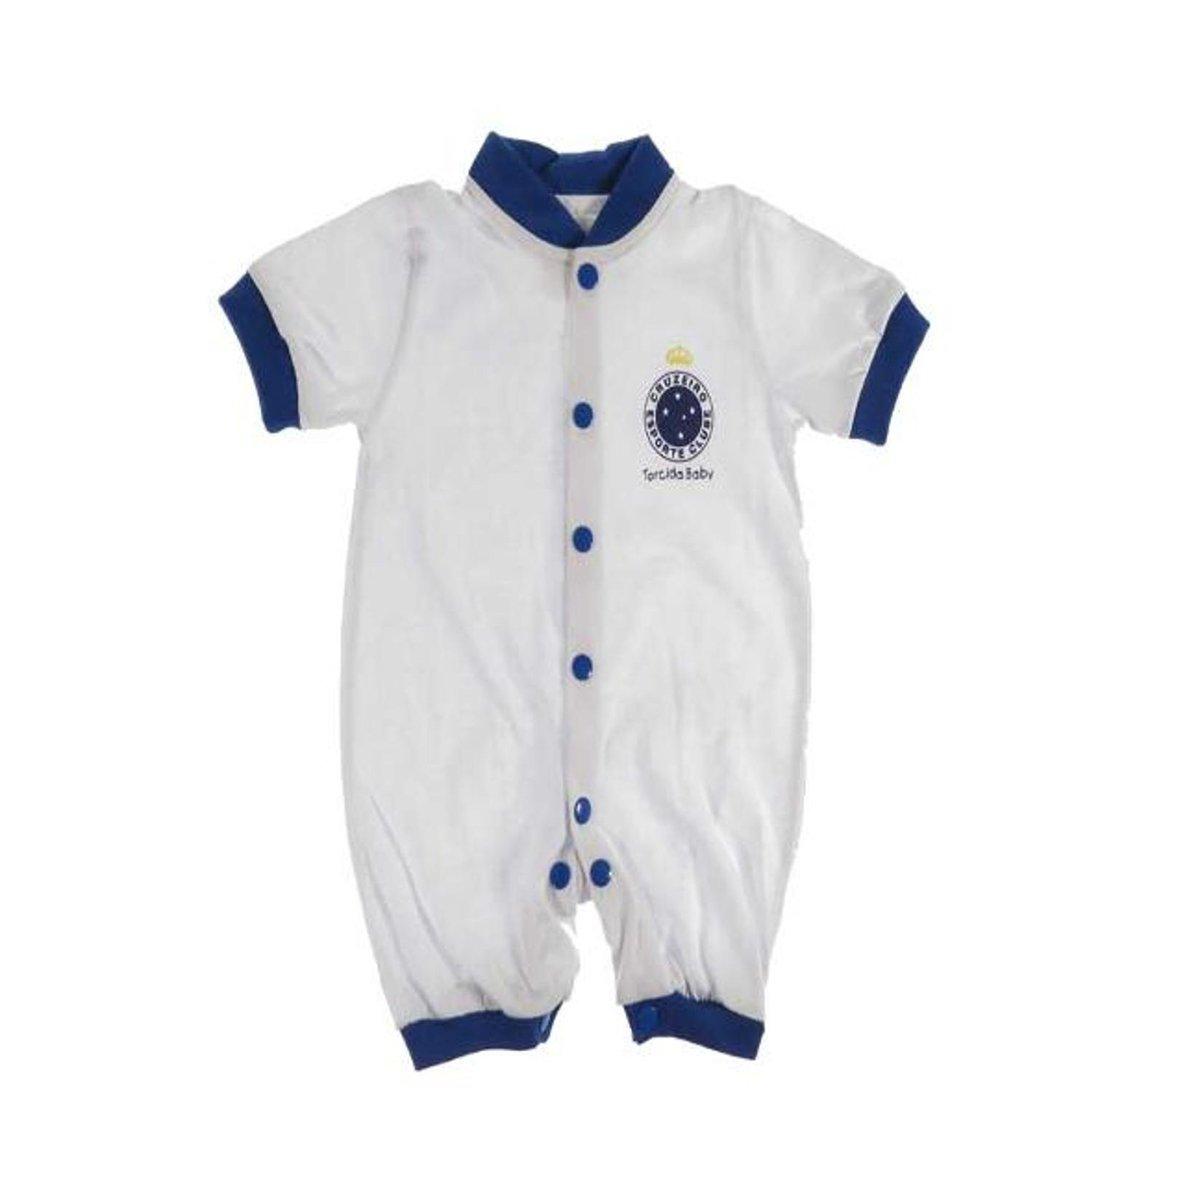 25119b1b4b Macacão Curto Bebê do Cruzeiro - Compre Agora